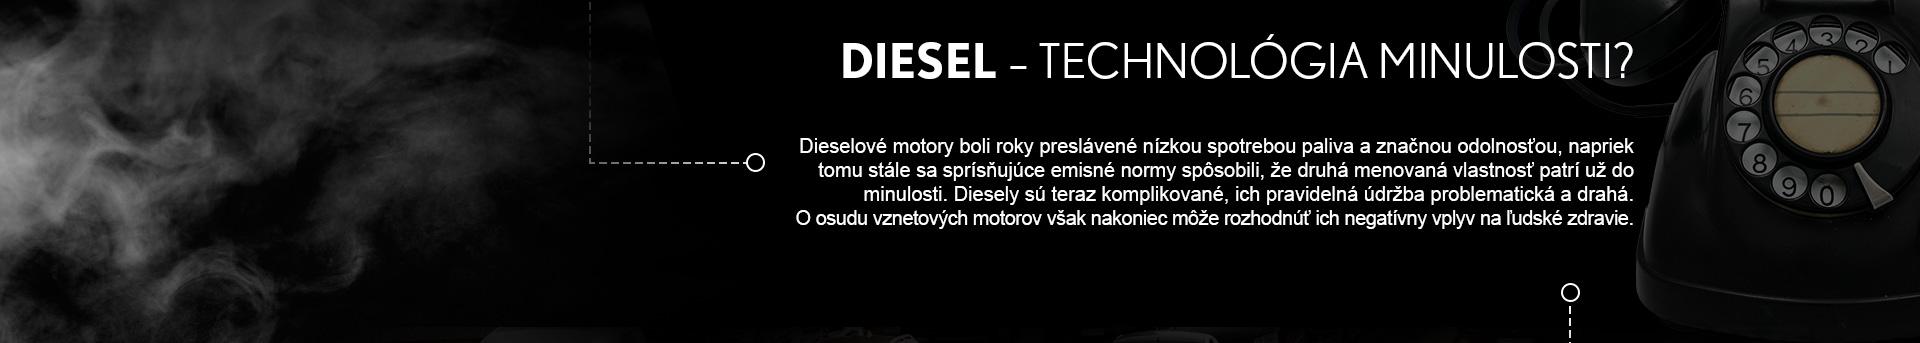 Hybrid Diesel Image